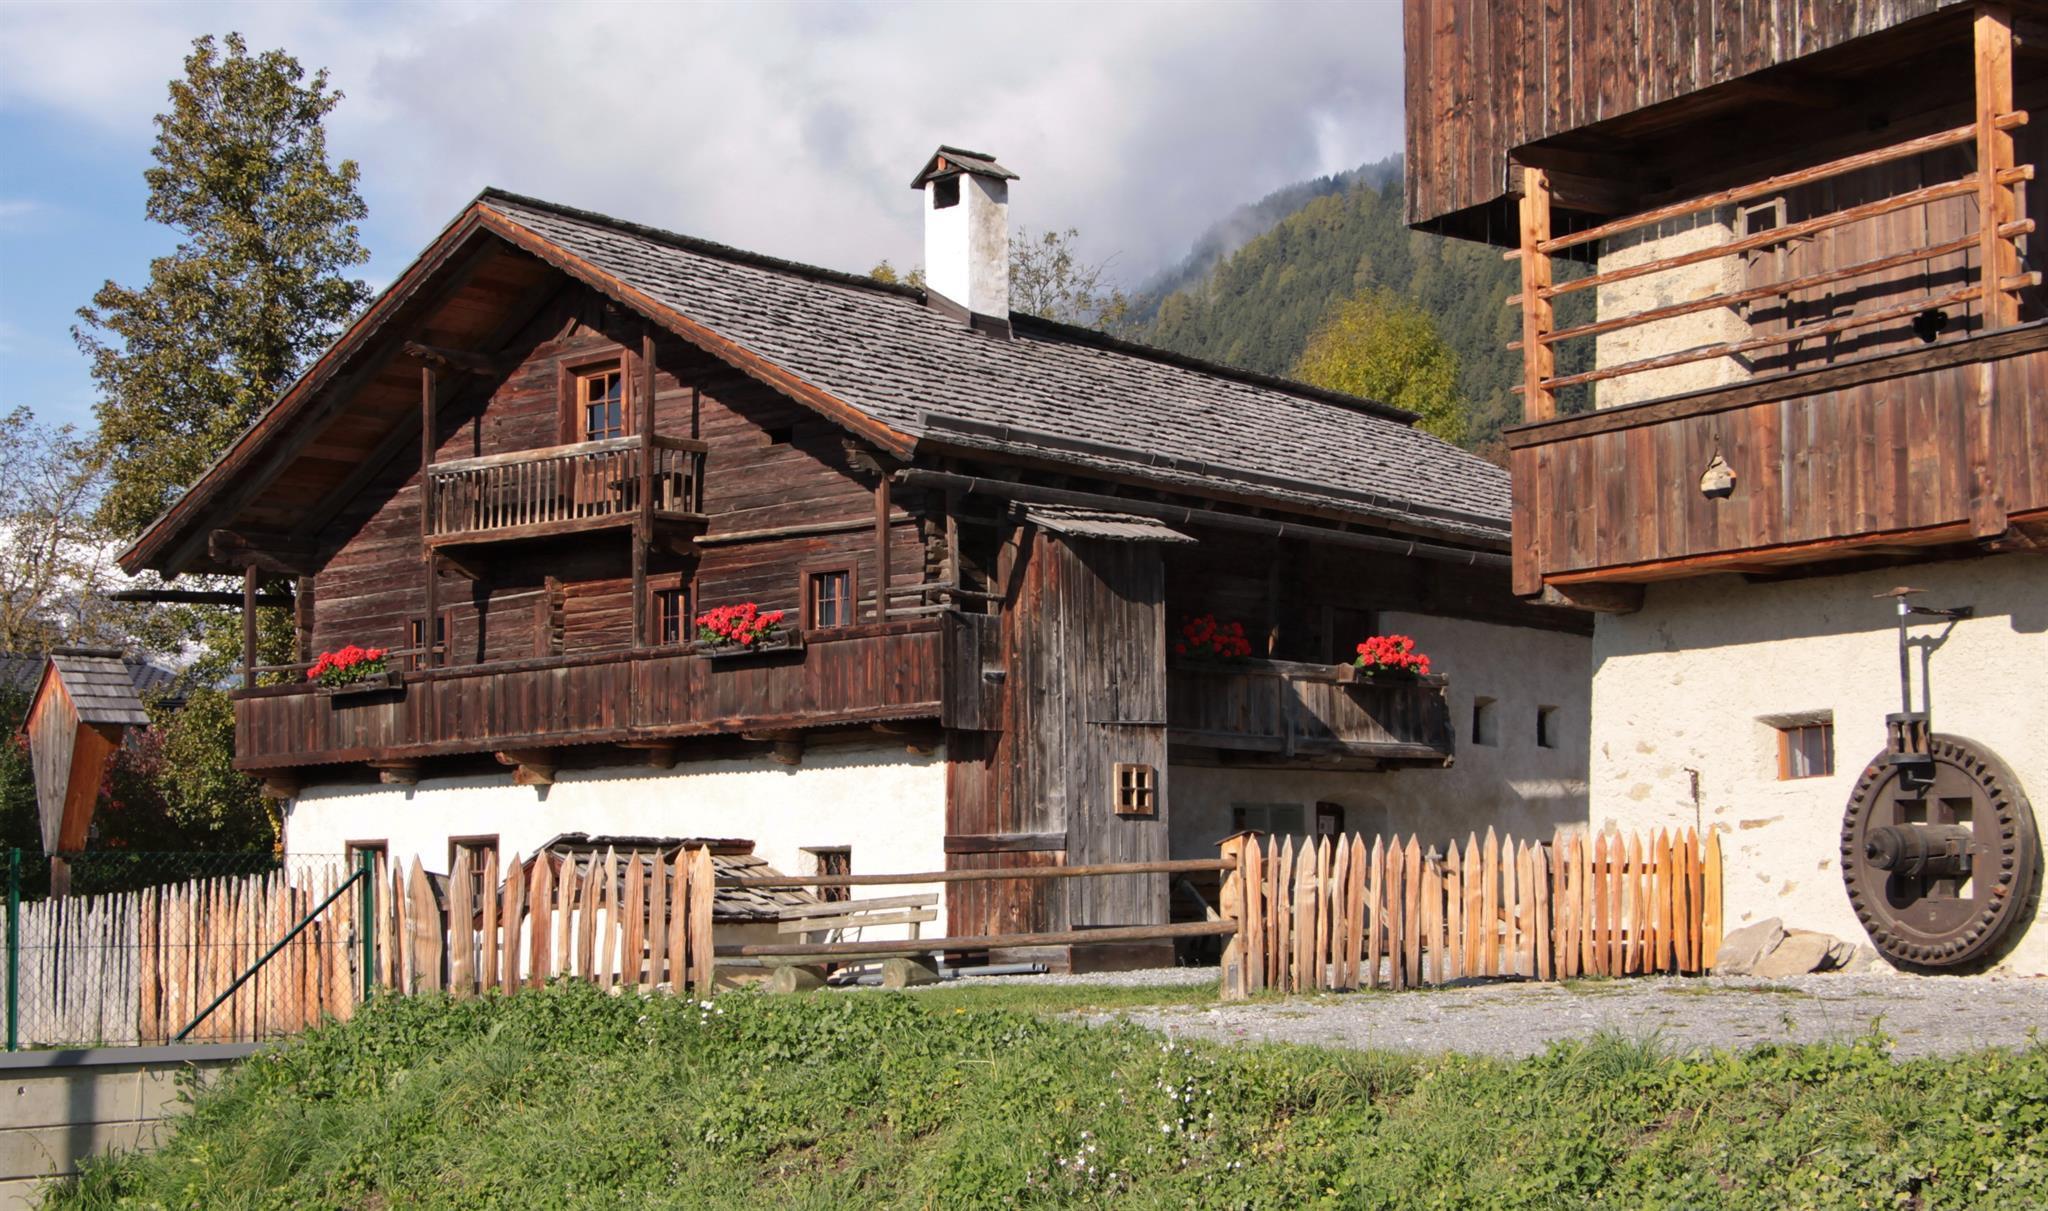 Kammerlanderhof-in-Thurn.jpg